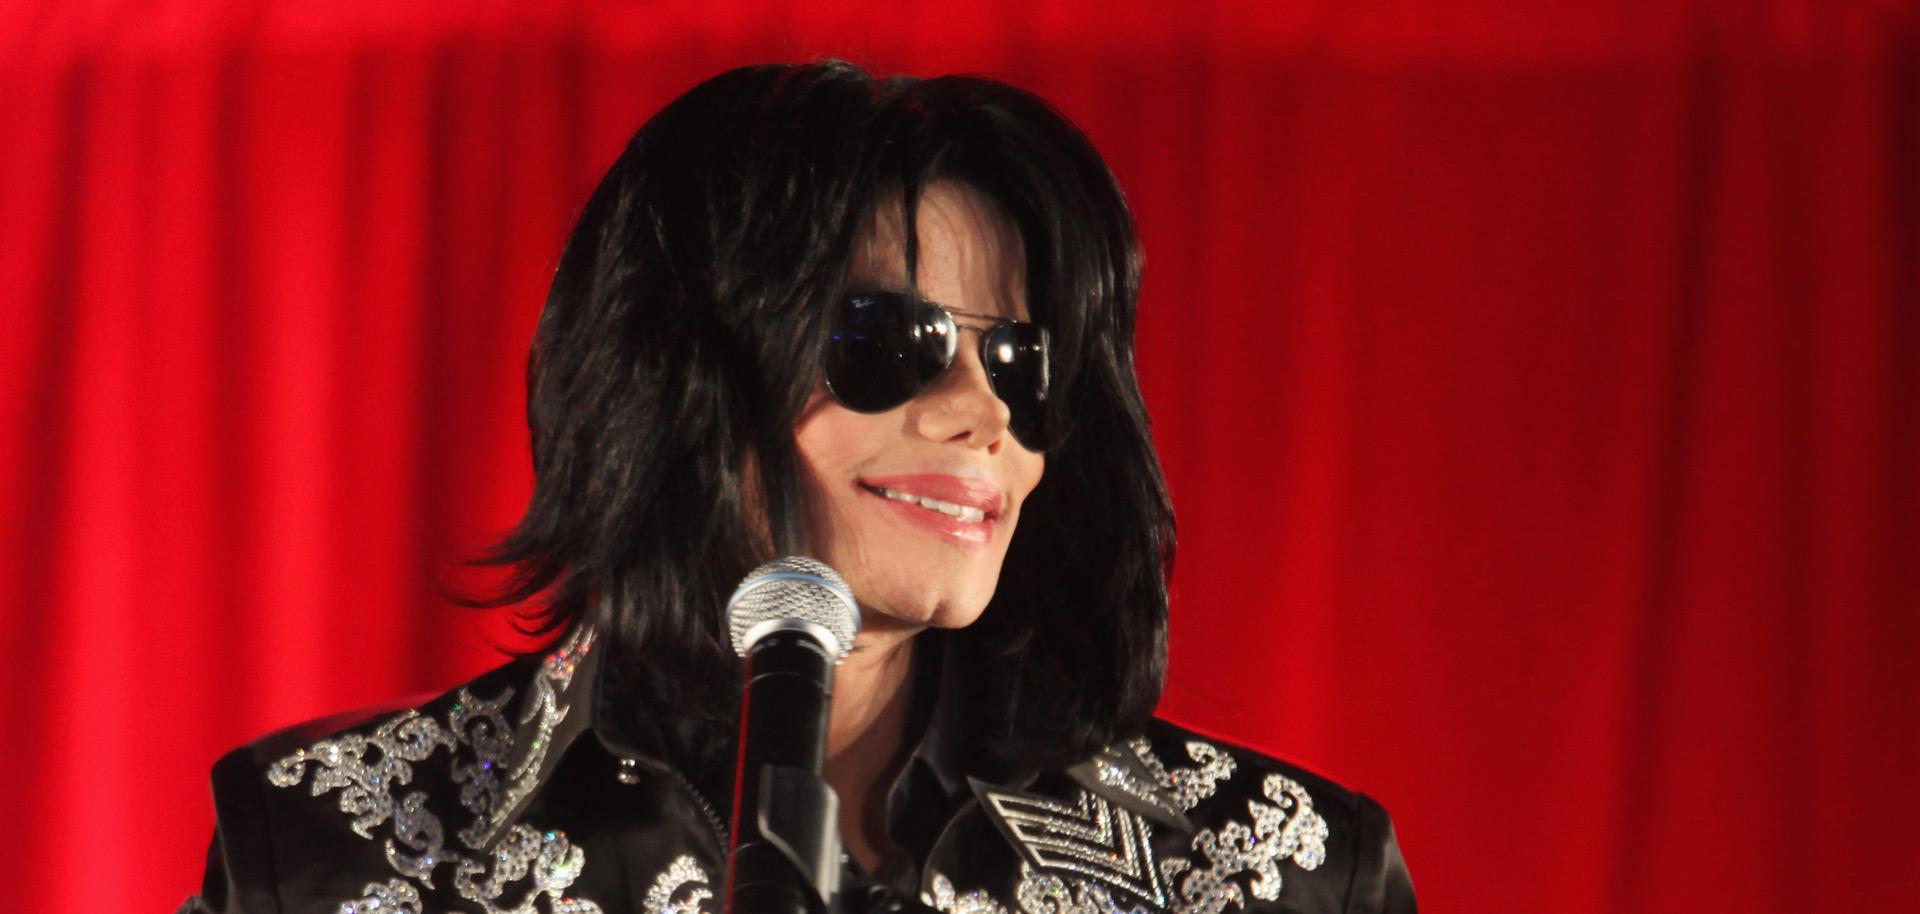 VIDEO: Sony će otkupiti vlasnički udio Michaela Jacksona u zajedničkoj tvrtki